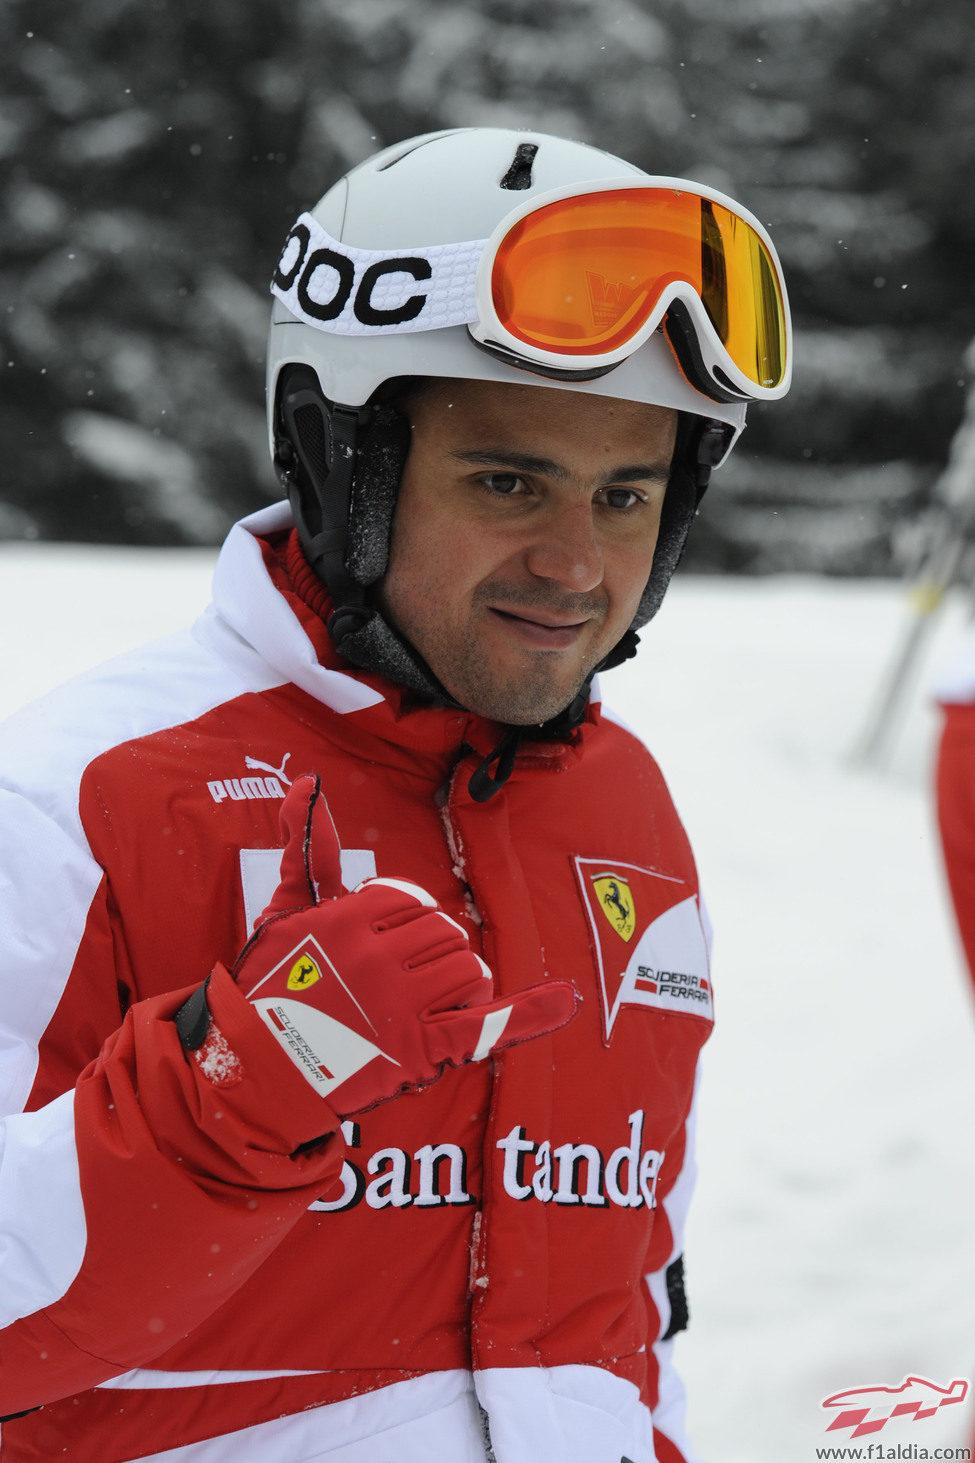 Felipe Massa, dispuesto a esquiar en Madonna